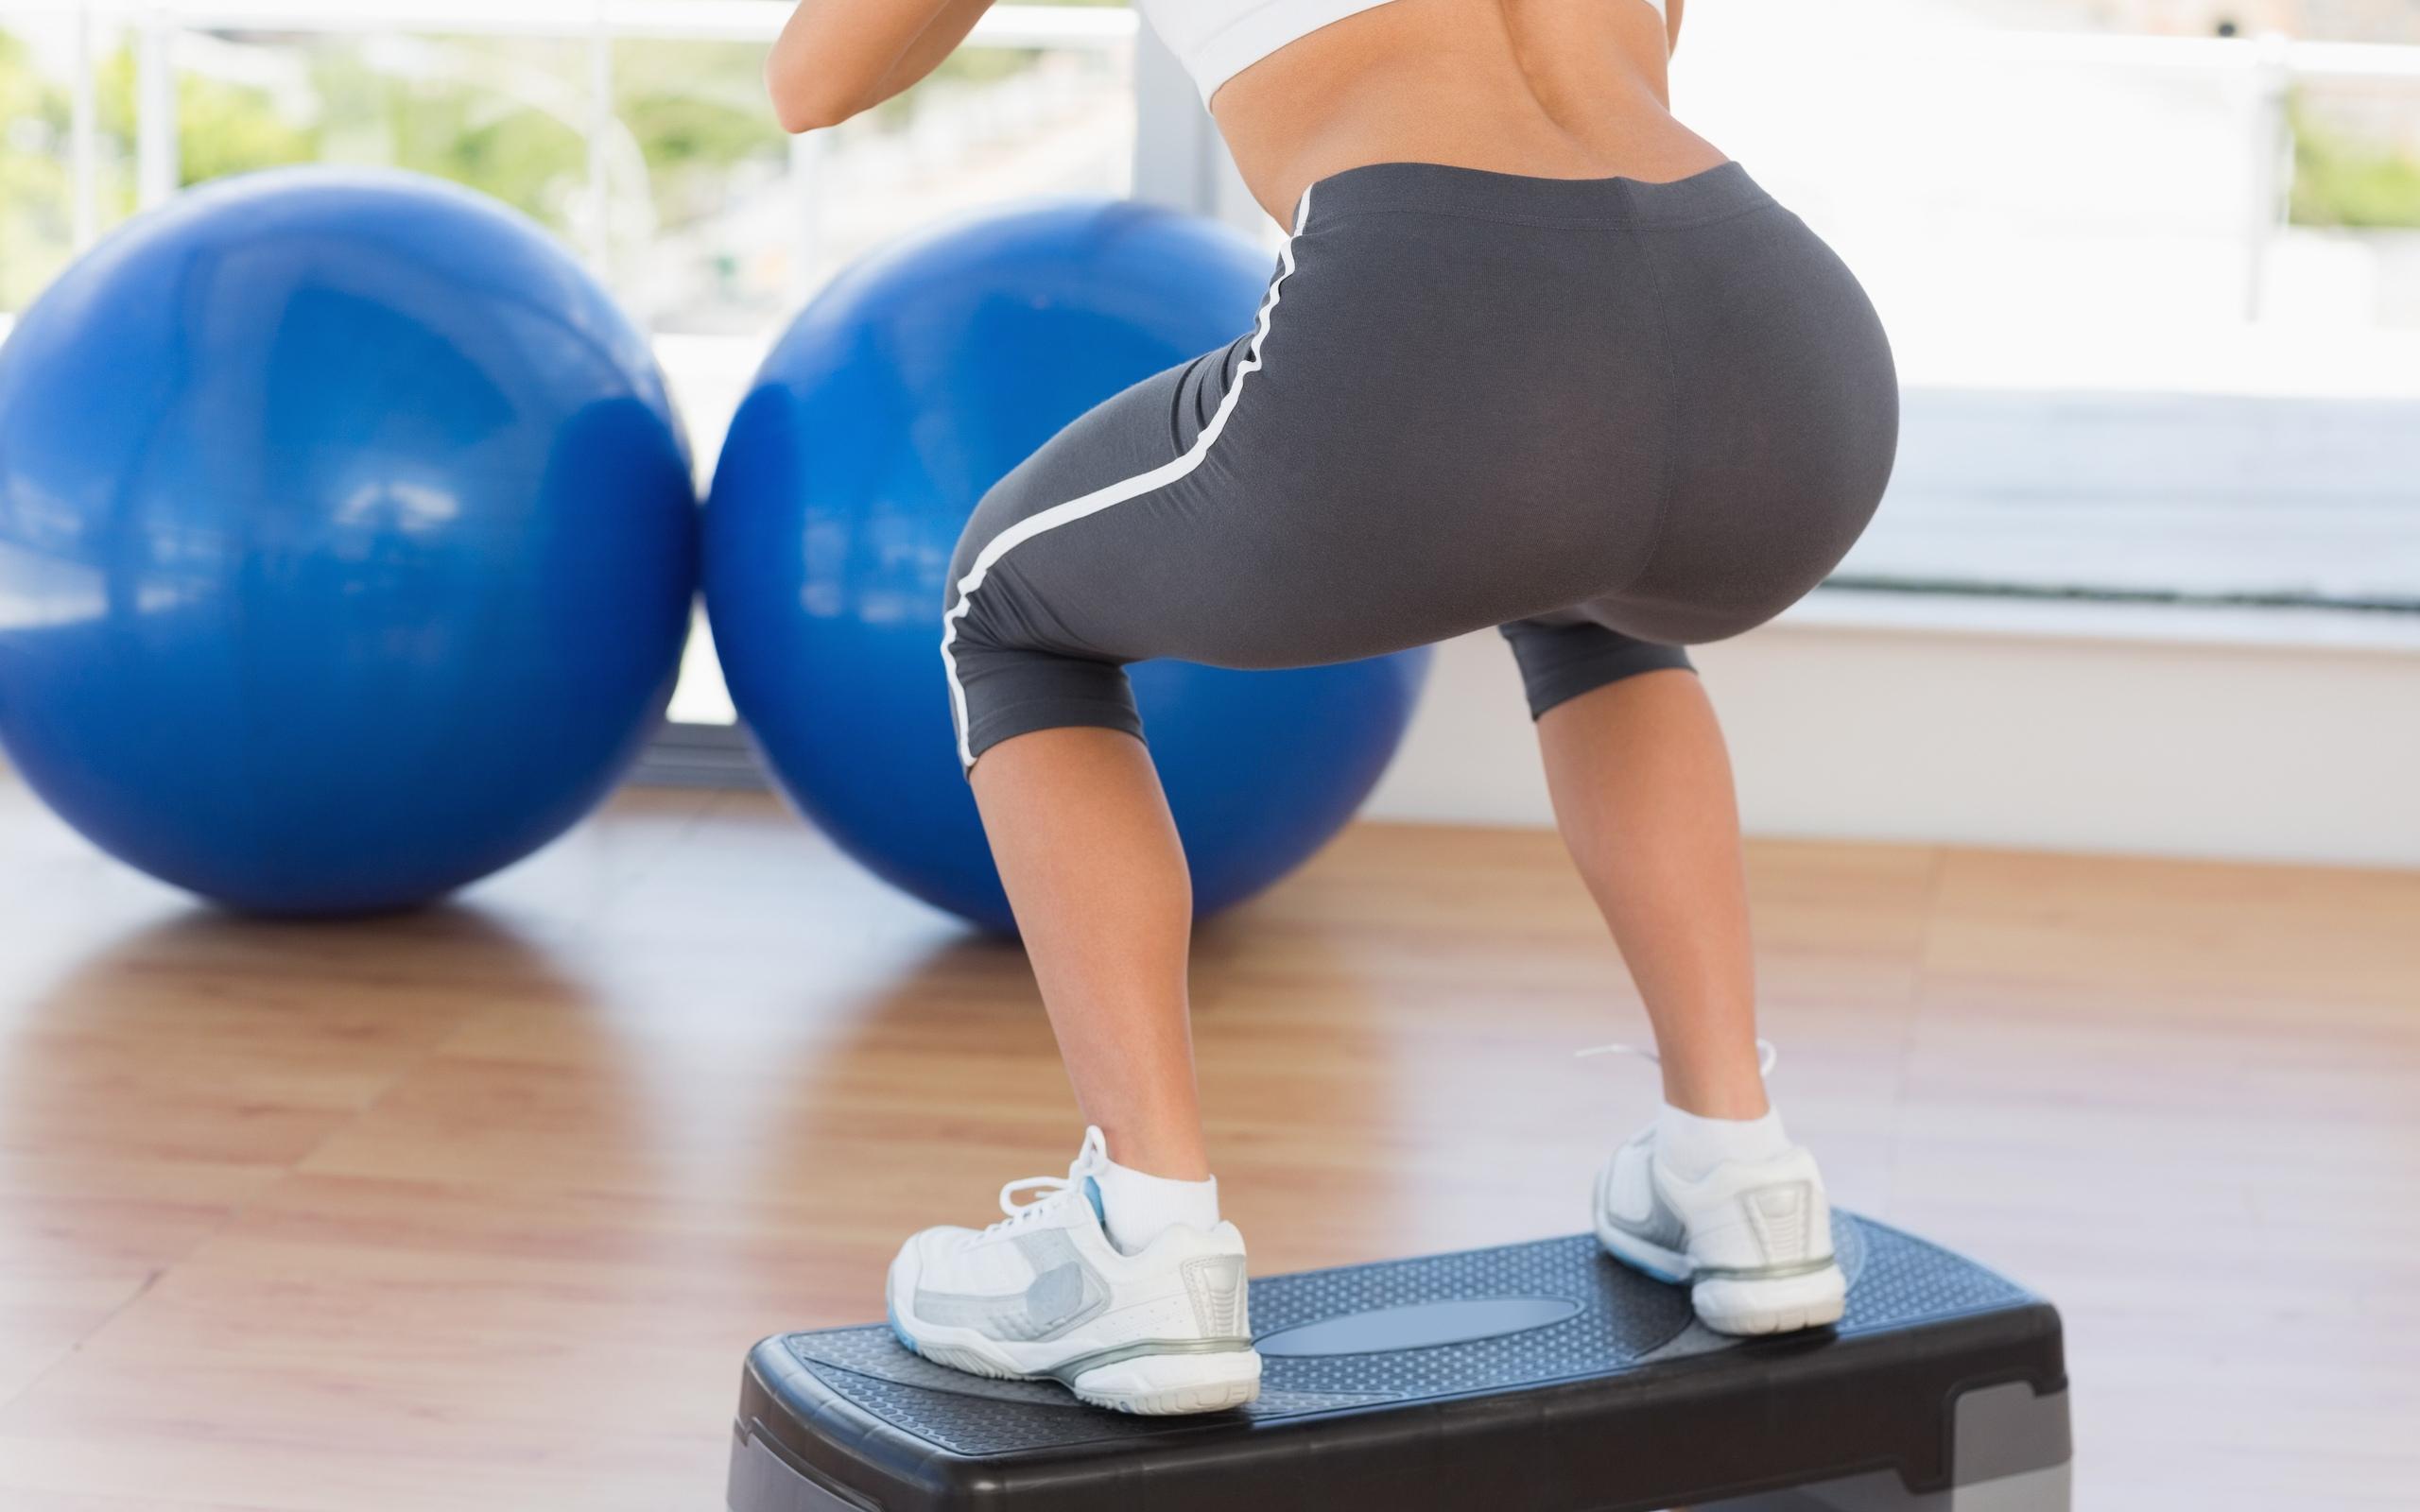 Начало целлюлита после активных занятий спортом – почему появляется или усиливается, стал заметнее и не уходит?